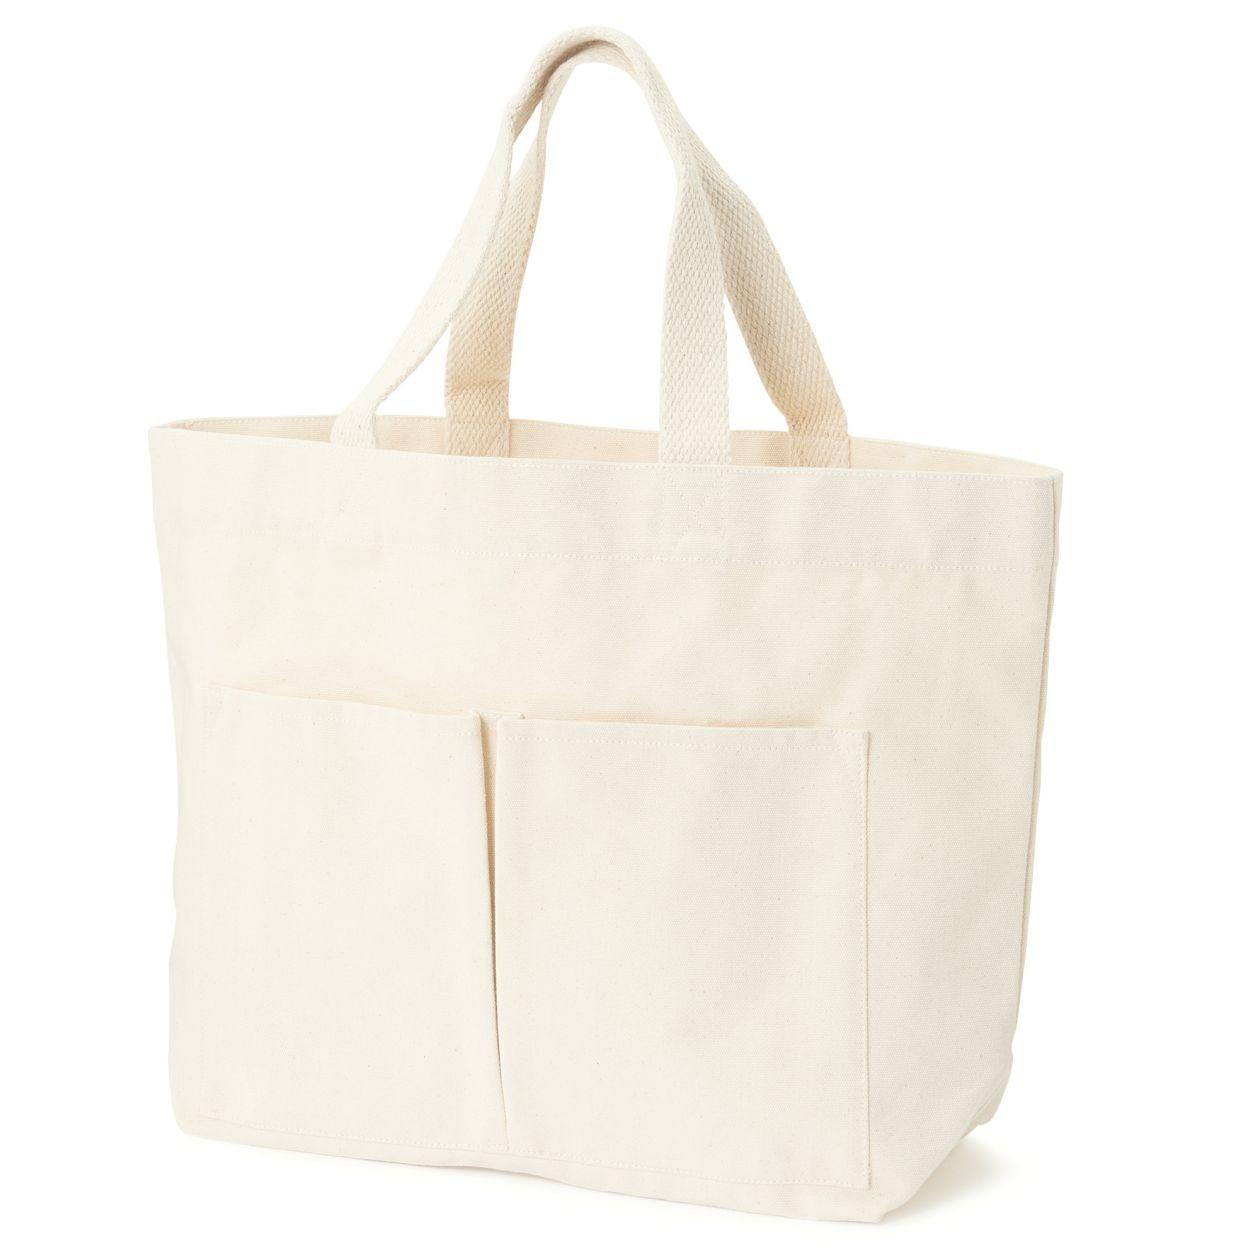 インド綿横型マイトートバッグ